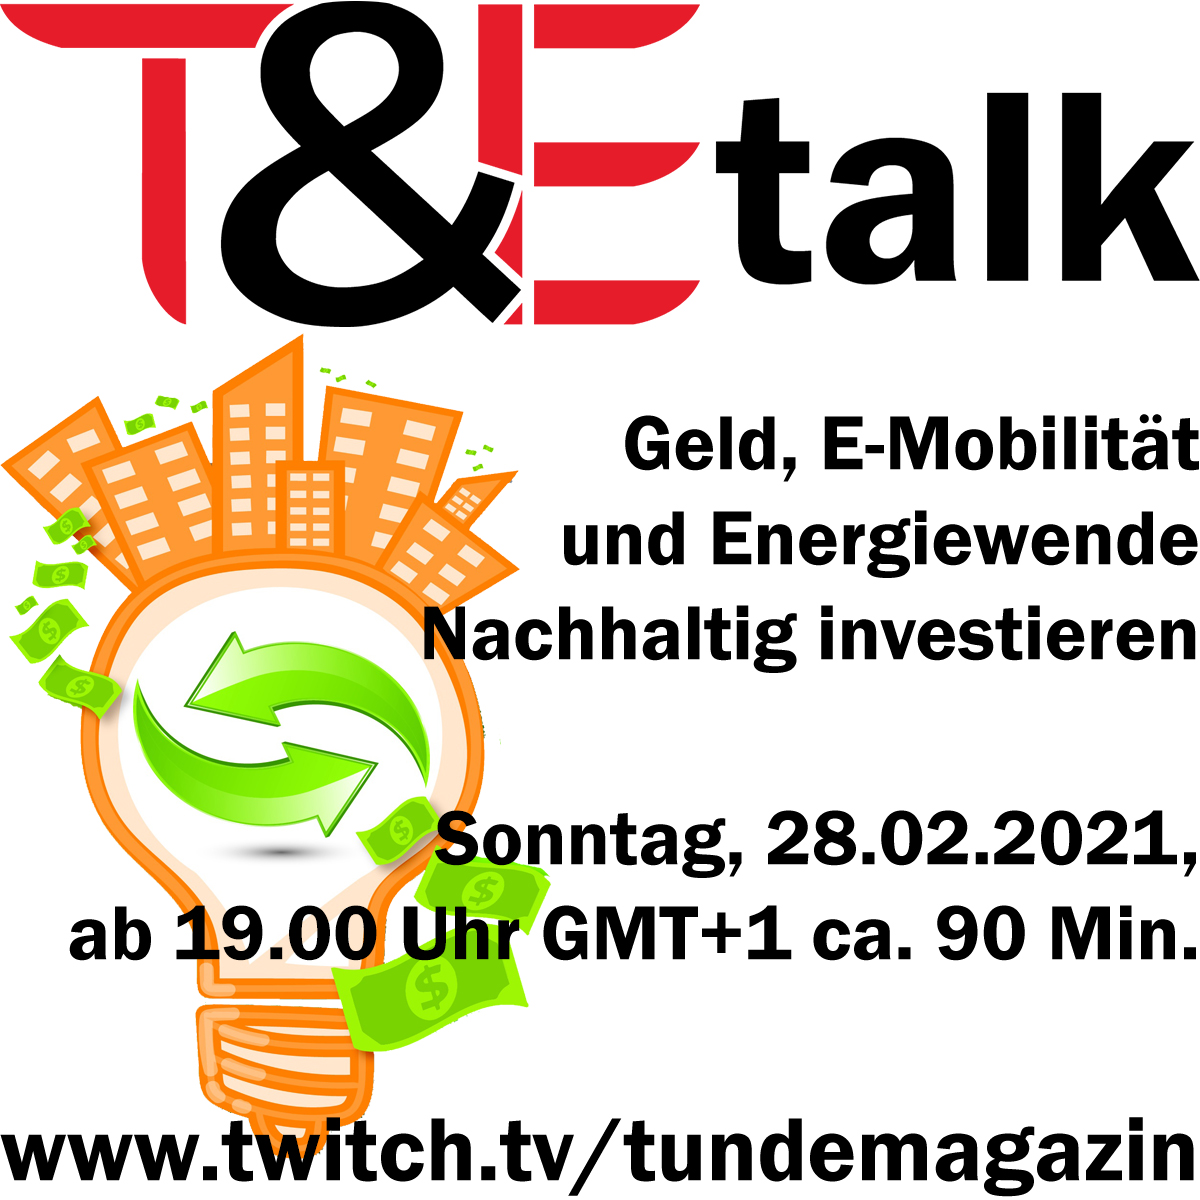 T&Etalk 2